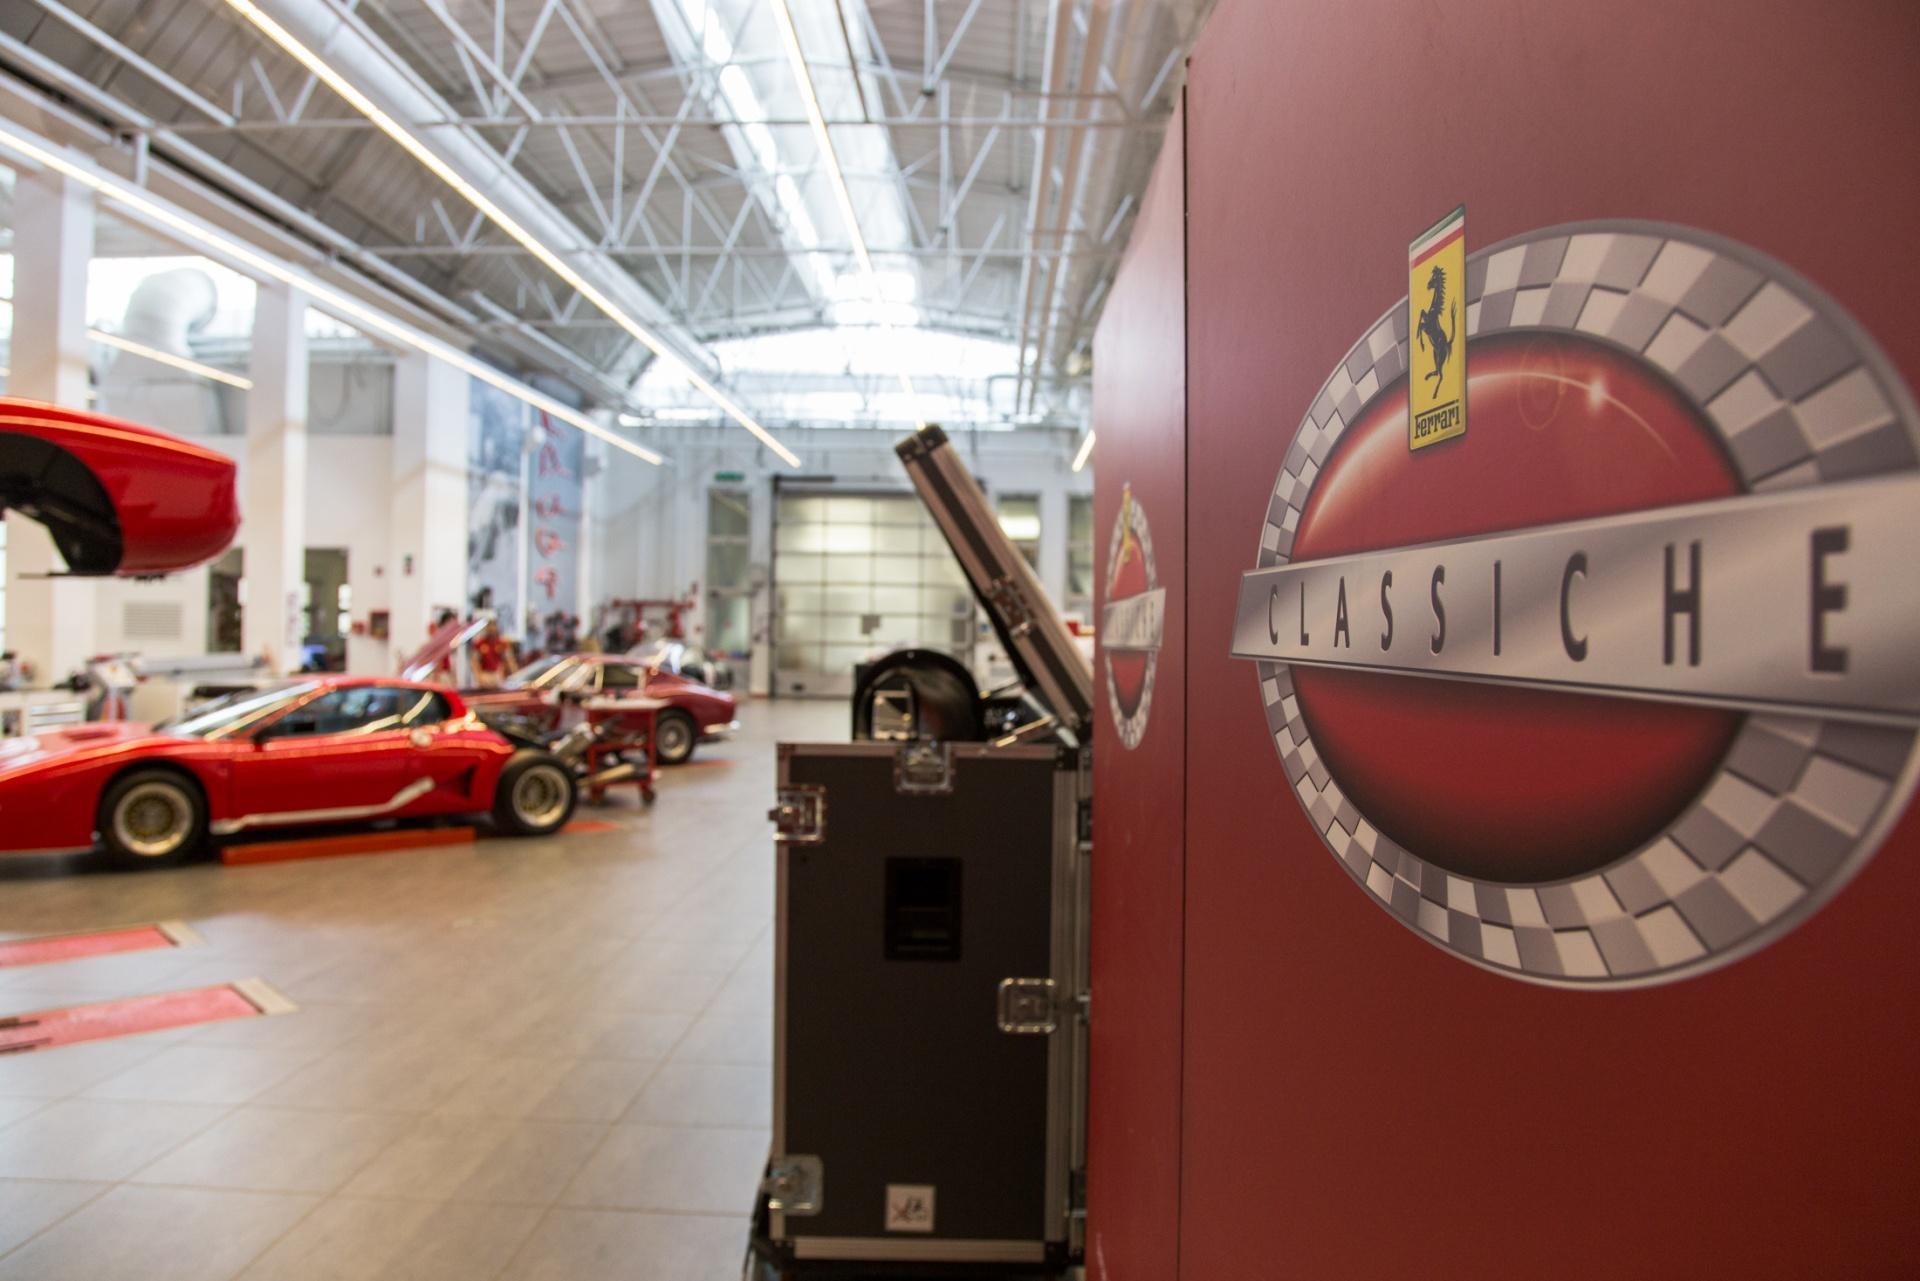 Ferrari Classiche, Servizio fotografico del Reparto Ferrari Classiche | Servizio fotografico aziendale per rappresentare l'immagine aziendale attraverso uno racconto di immagini ambientate, dettagli della